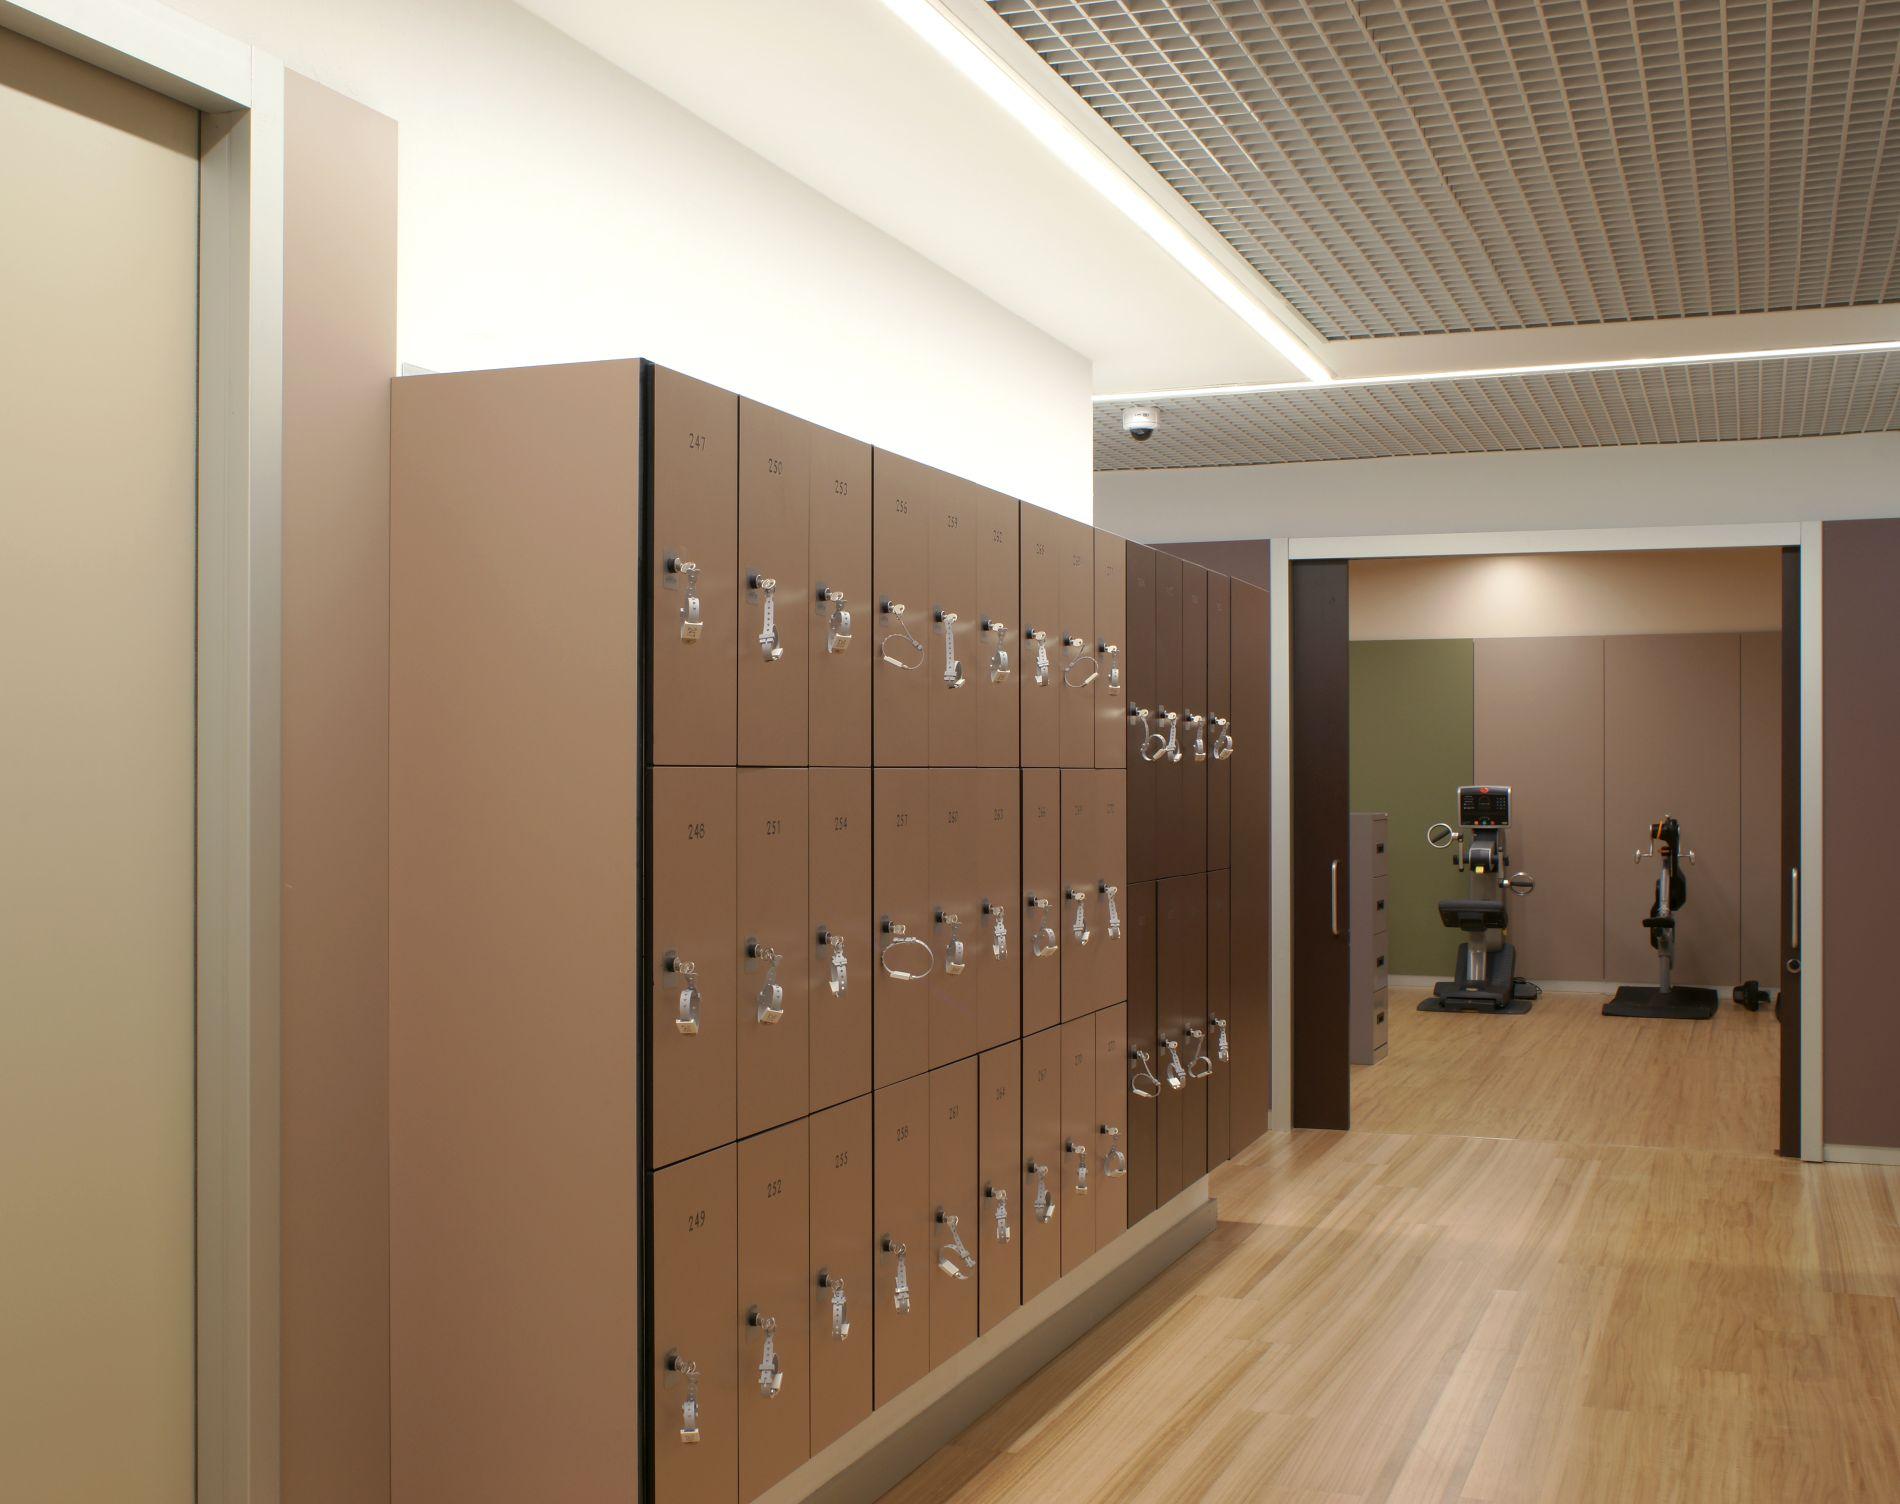 Fiark - Centro deportivo adaptado Hegalak 29